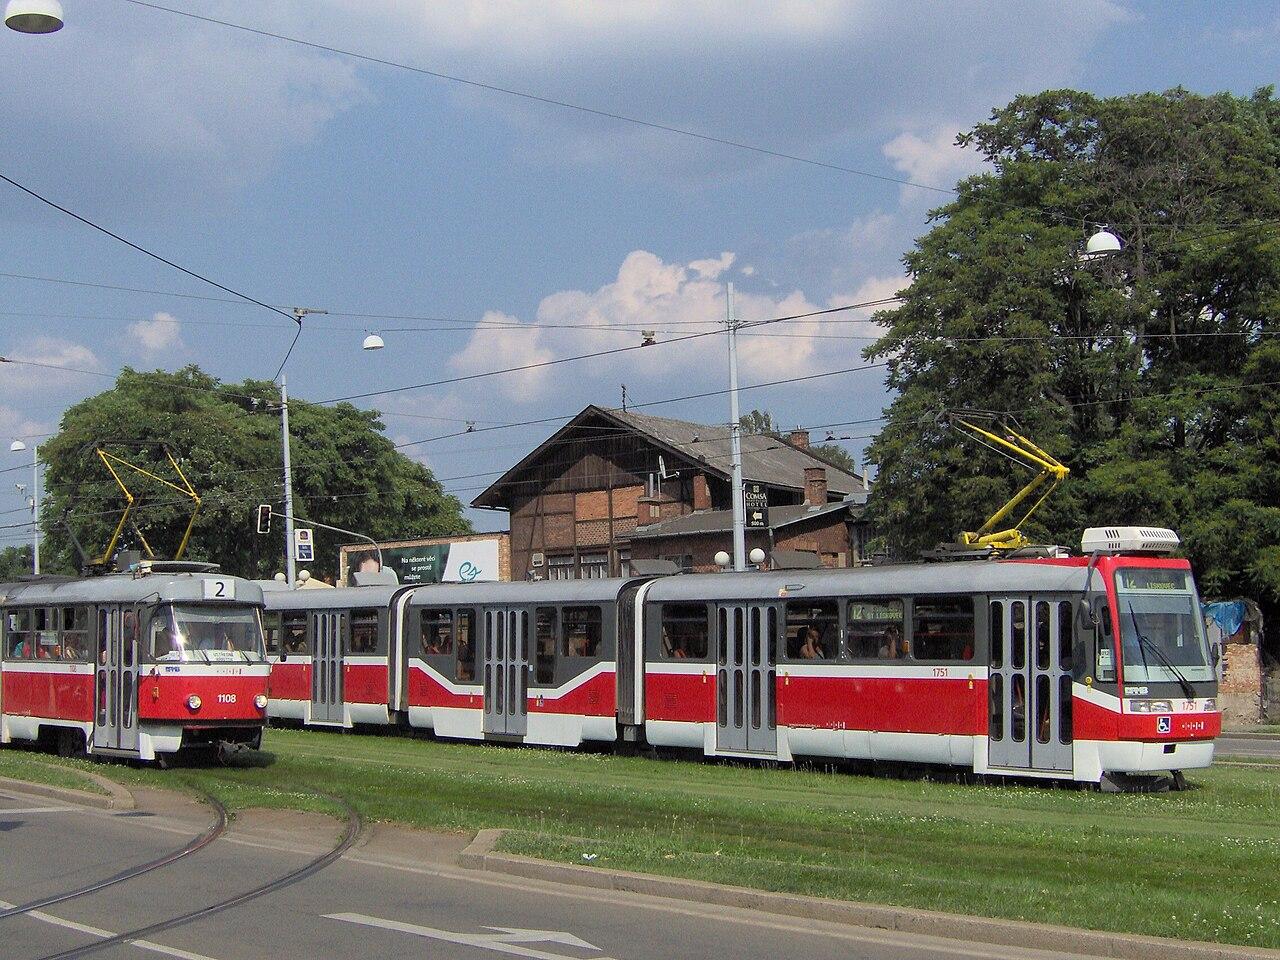 1280px-Brno%2C_N%C3%A1dra%C5%BEn%C3%AD_%